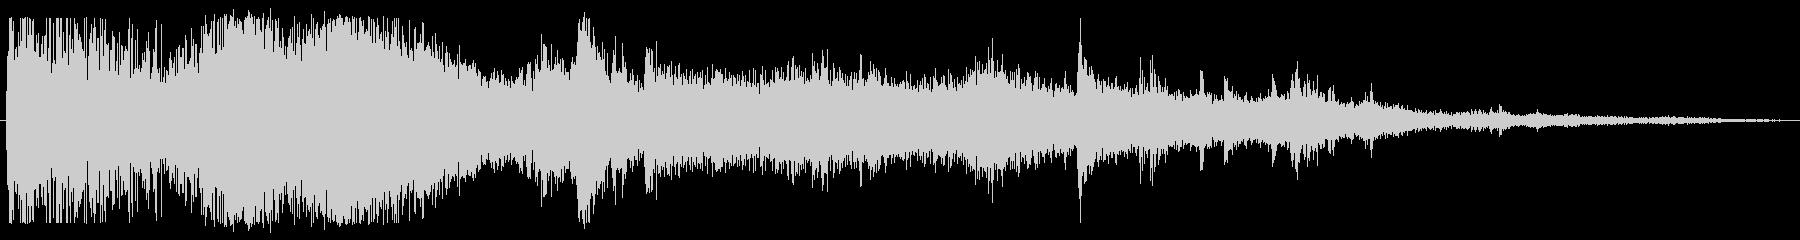 ドカーン 破壊音の未再生の波形